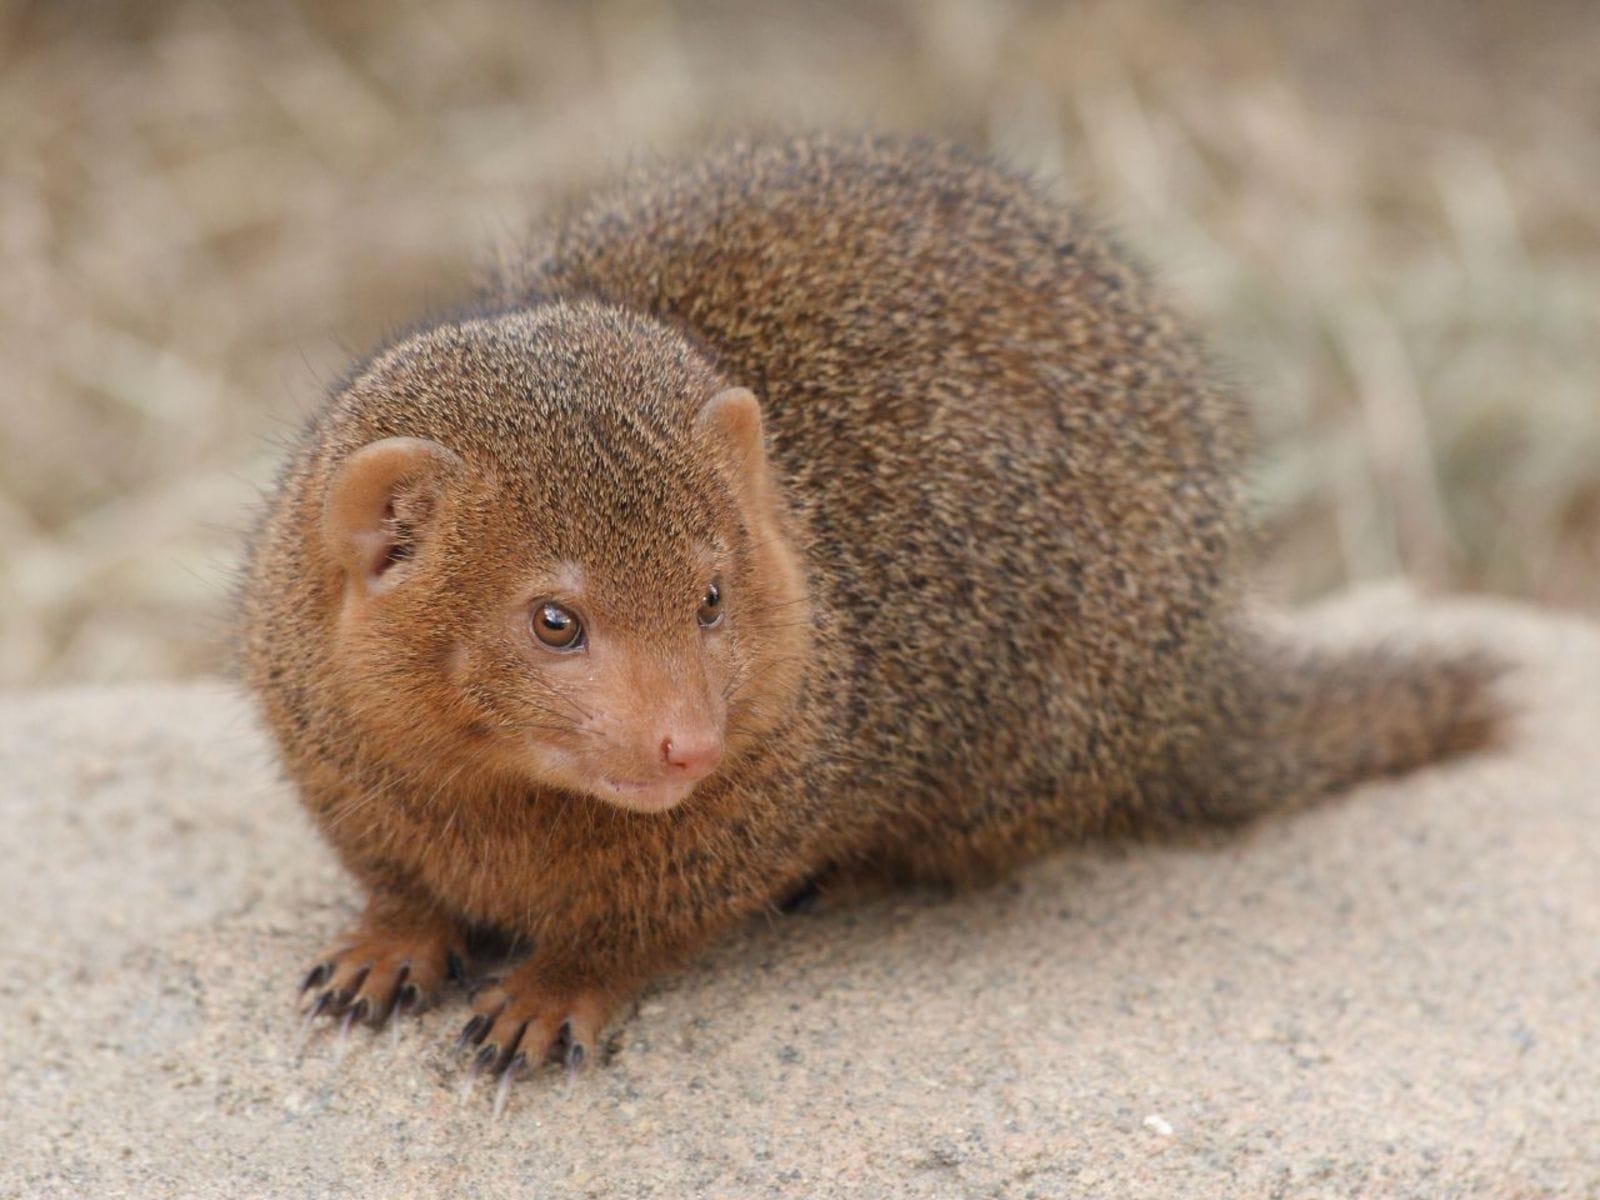 Mongoose widescreen for desktop